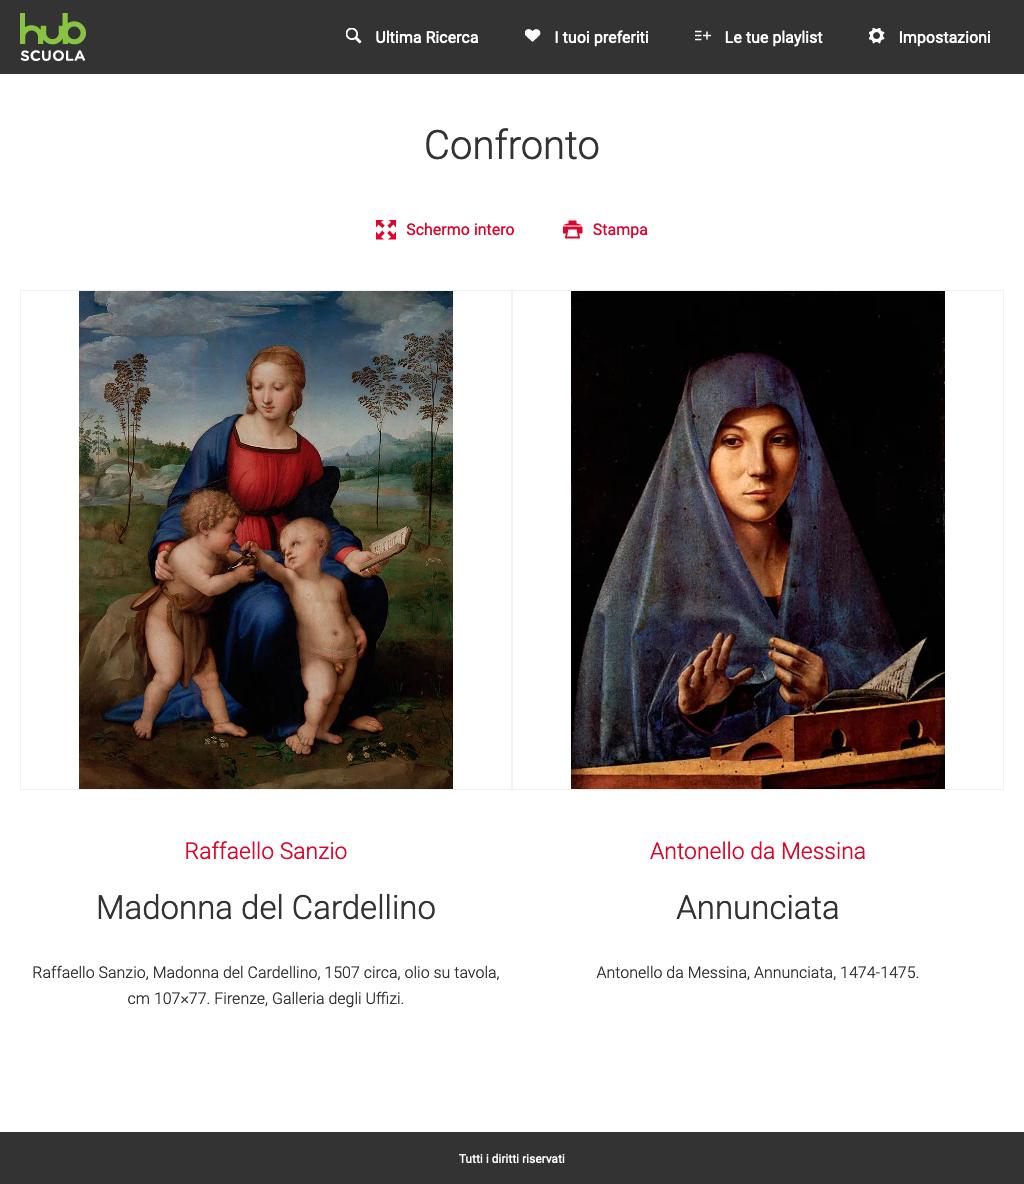 Confronto tra due immagini all'interno dell'app Hub Scuola Arte